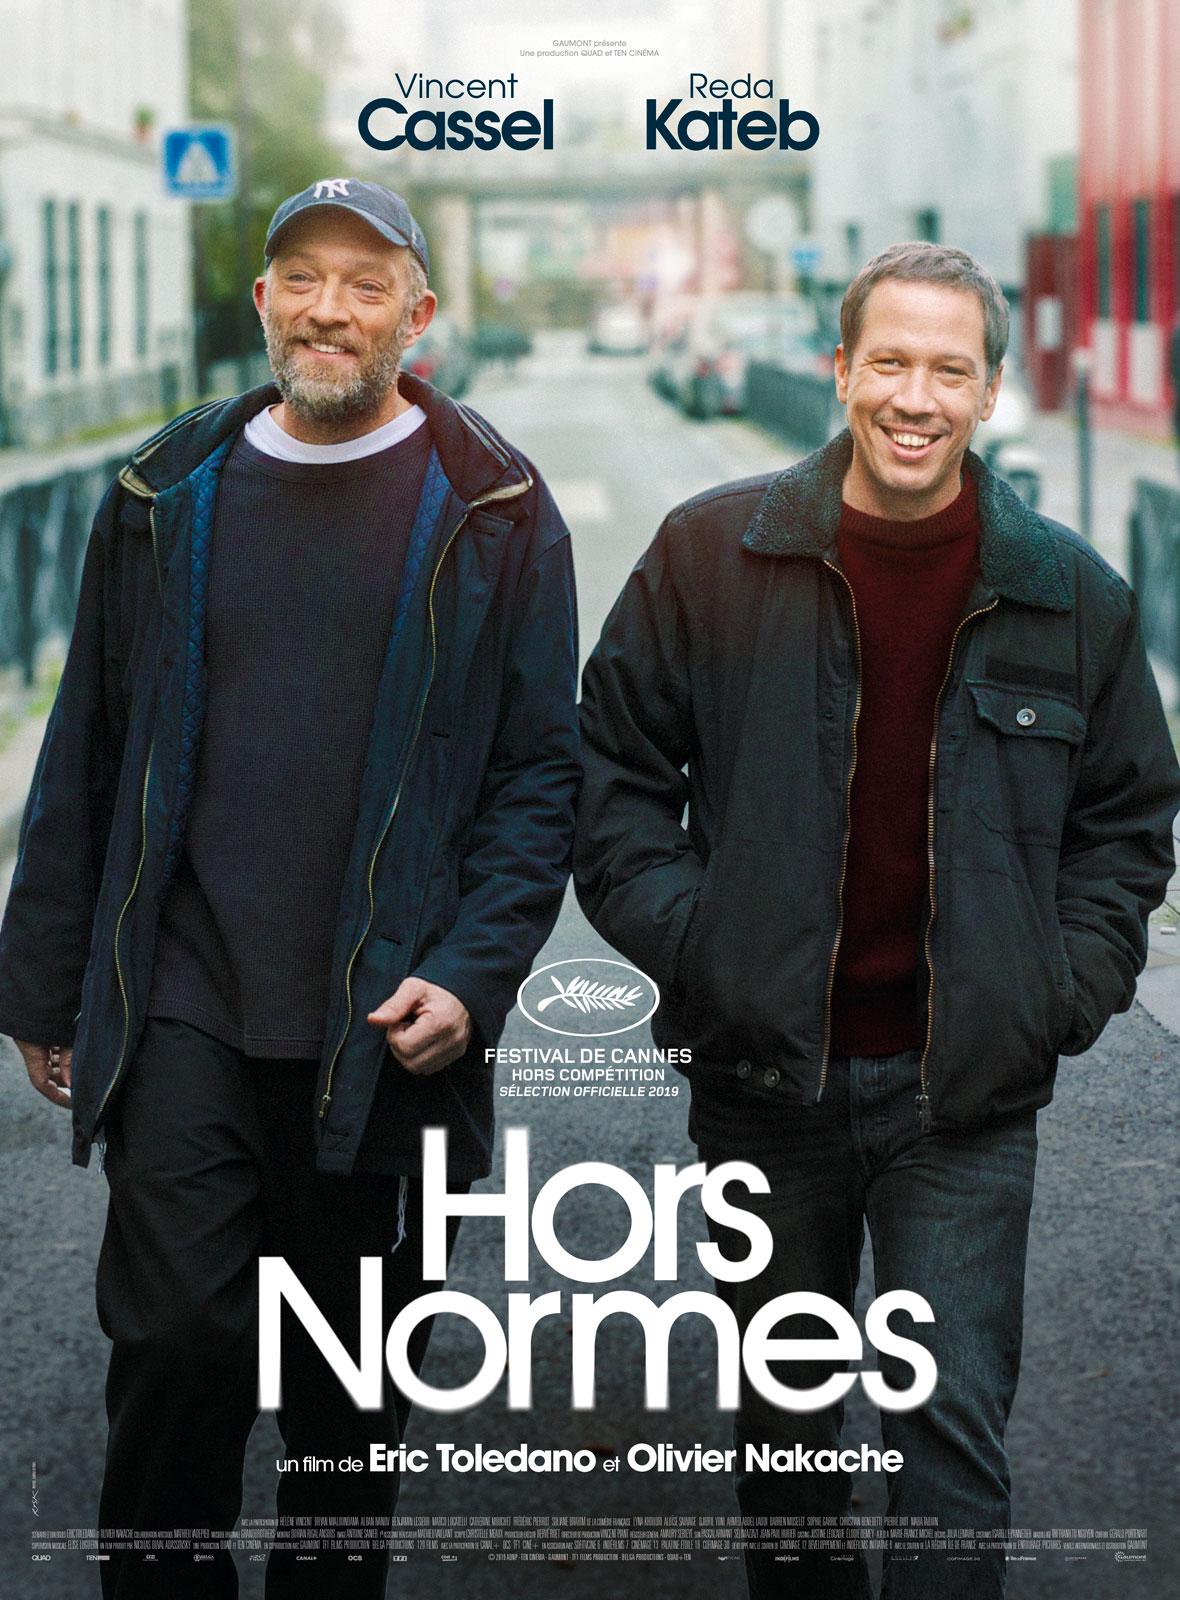 Hors Normes affiche critique avis film 2019